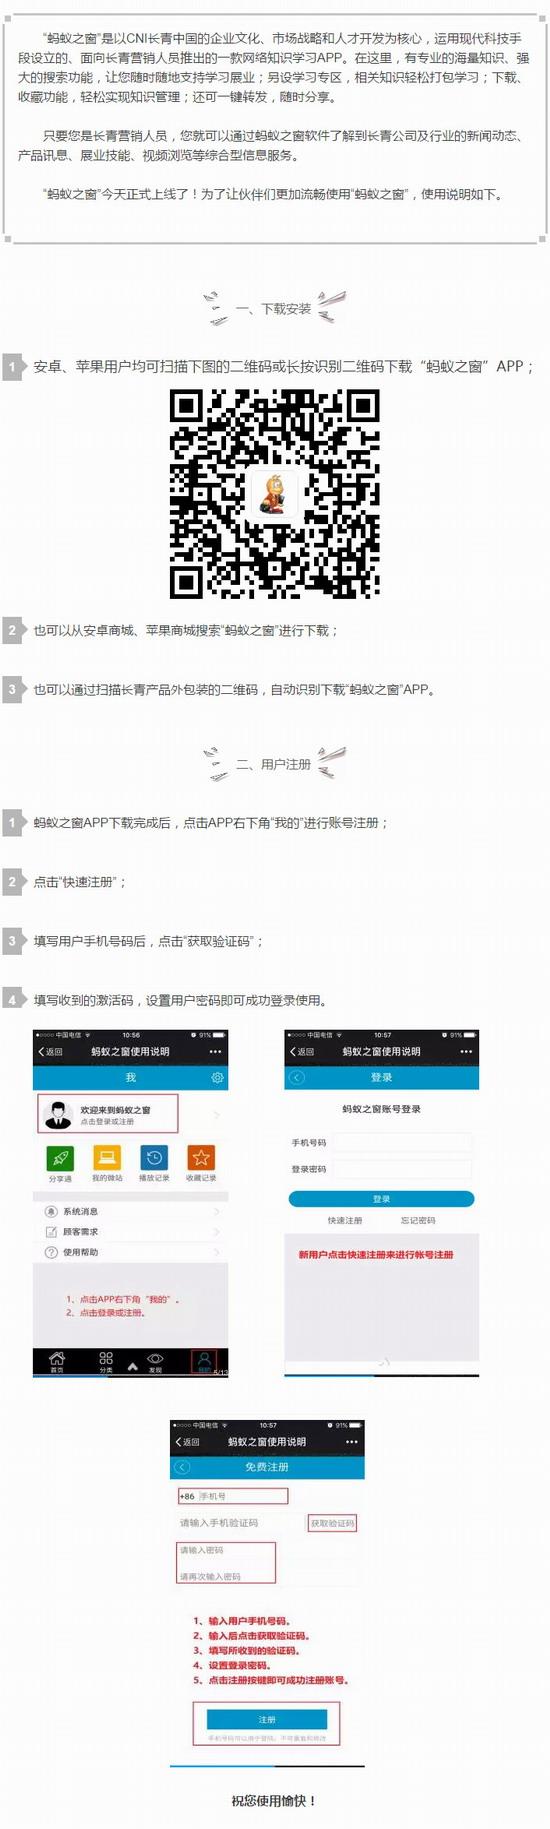 CNI长青中国【蚂蚁之窗】APP现已正式上线